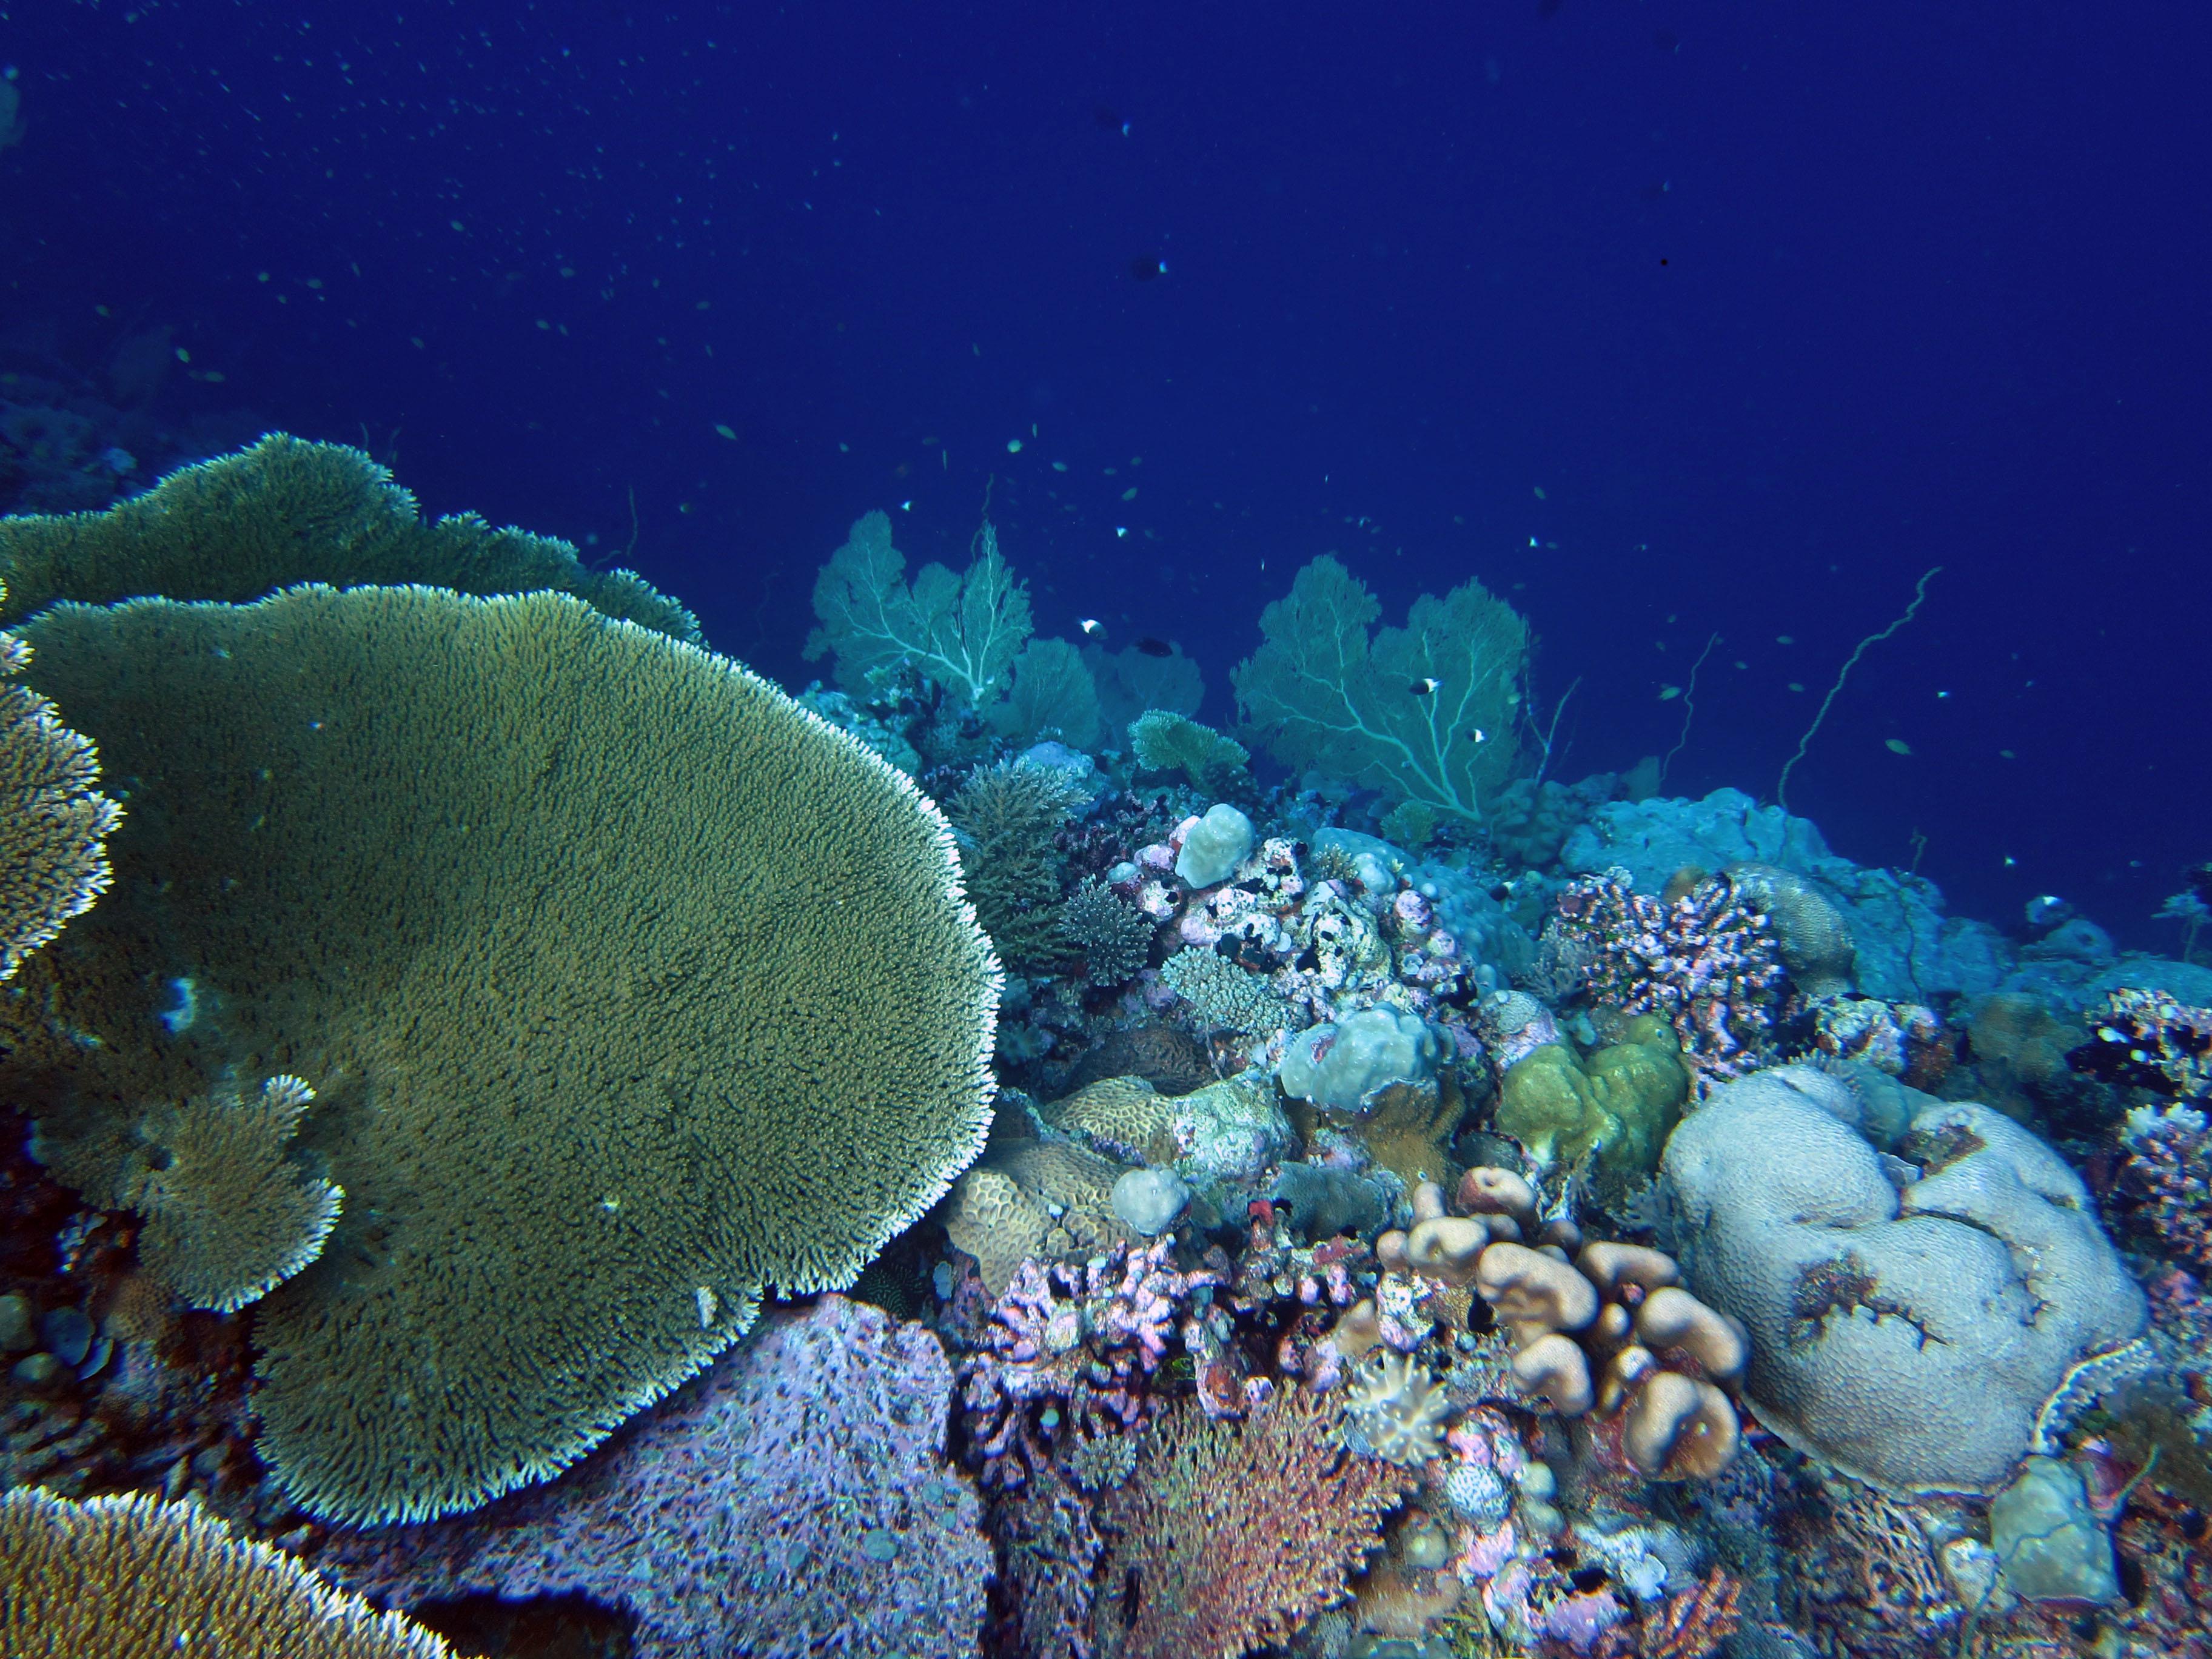 차고스제도의 산호초 - 닉 그레이엄